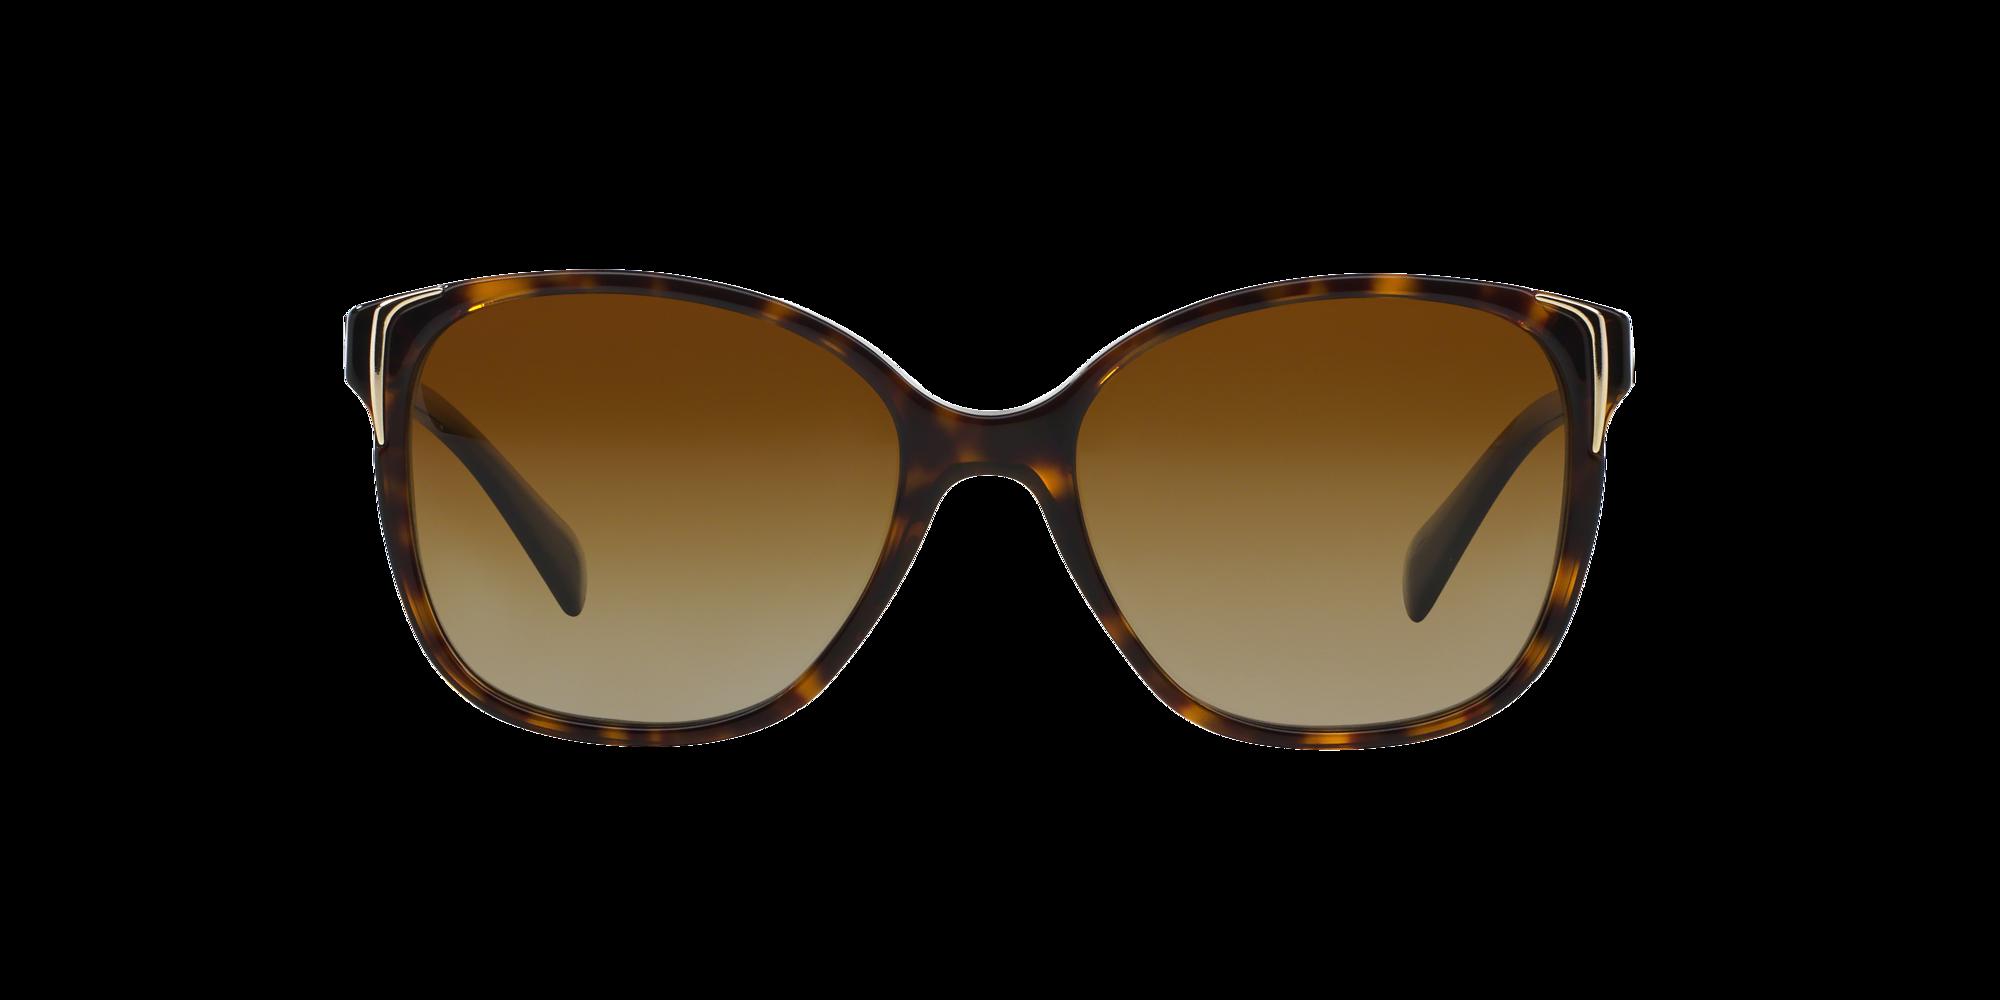 Imagen para CONCEPTUAL de LensCrafters    Espejuelos, espejuelos graduados en línea, gafas